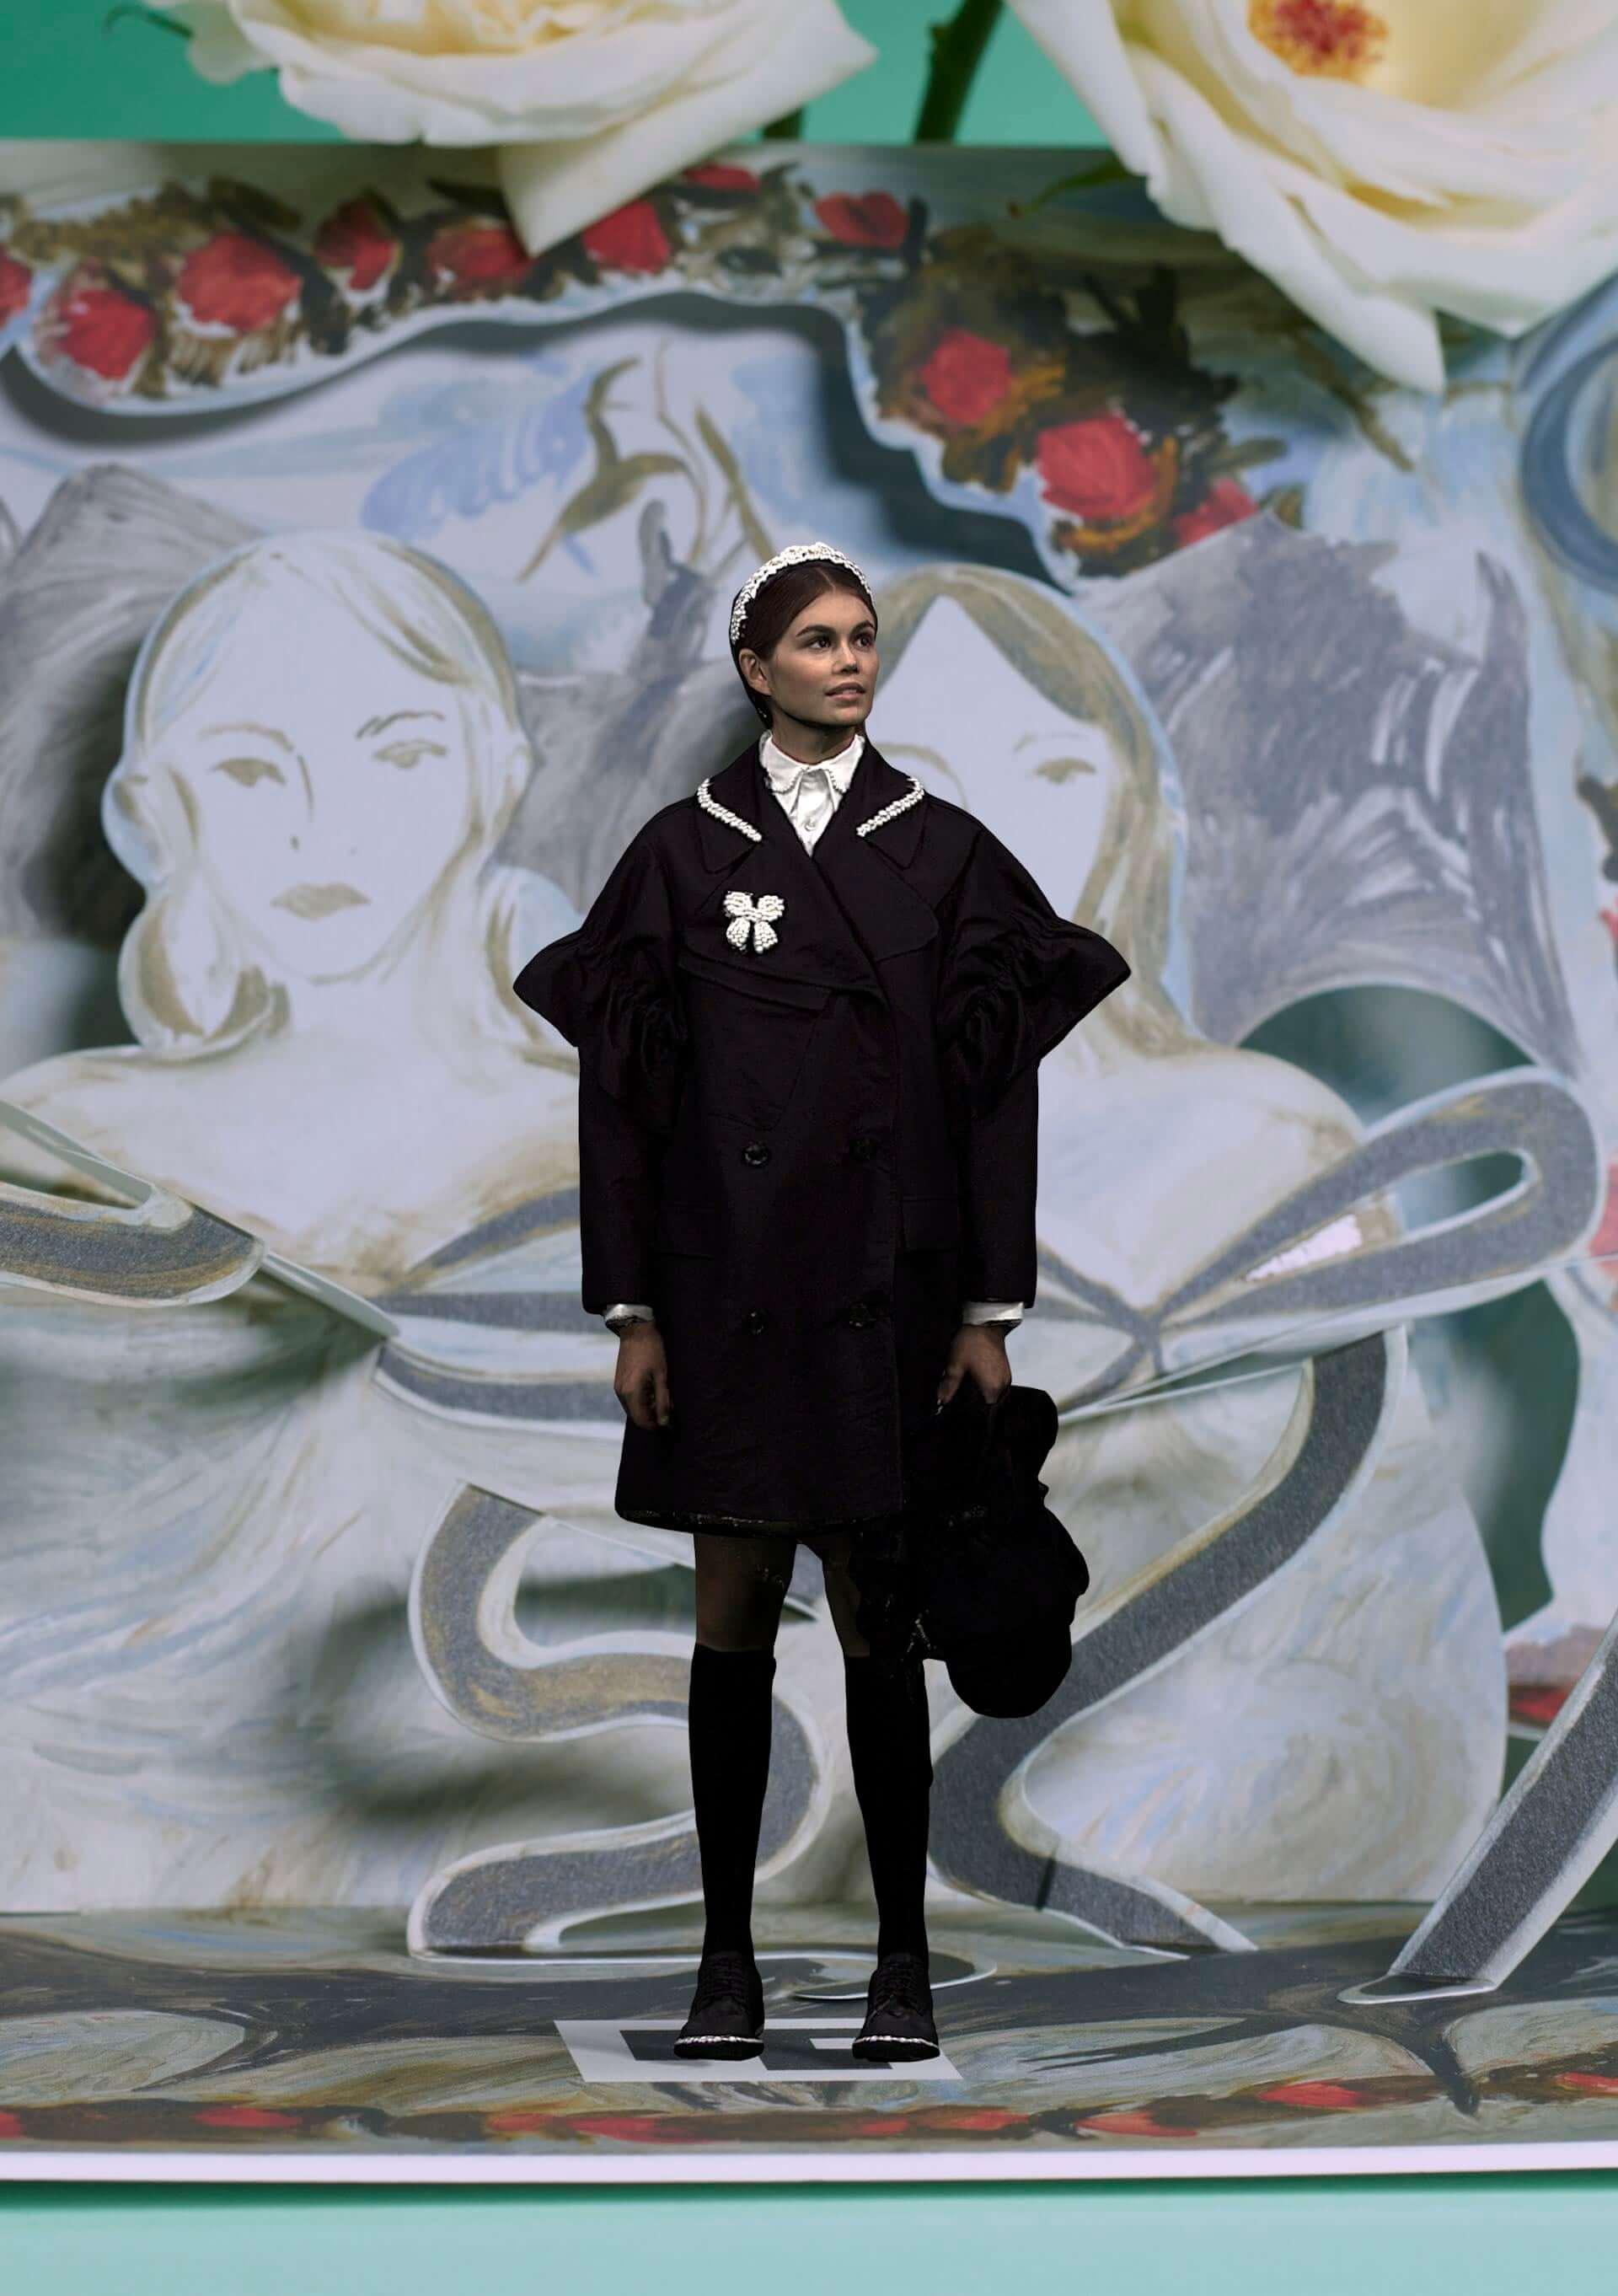 H&Mとシモーン・ロシャのコラボコレクションが登場!発売記念のARポップアップ・ブックにはヘレナ・ボナム・カーターらが参加 lf210310_handm_6-1920x2724